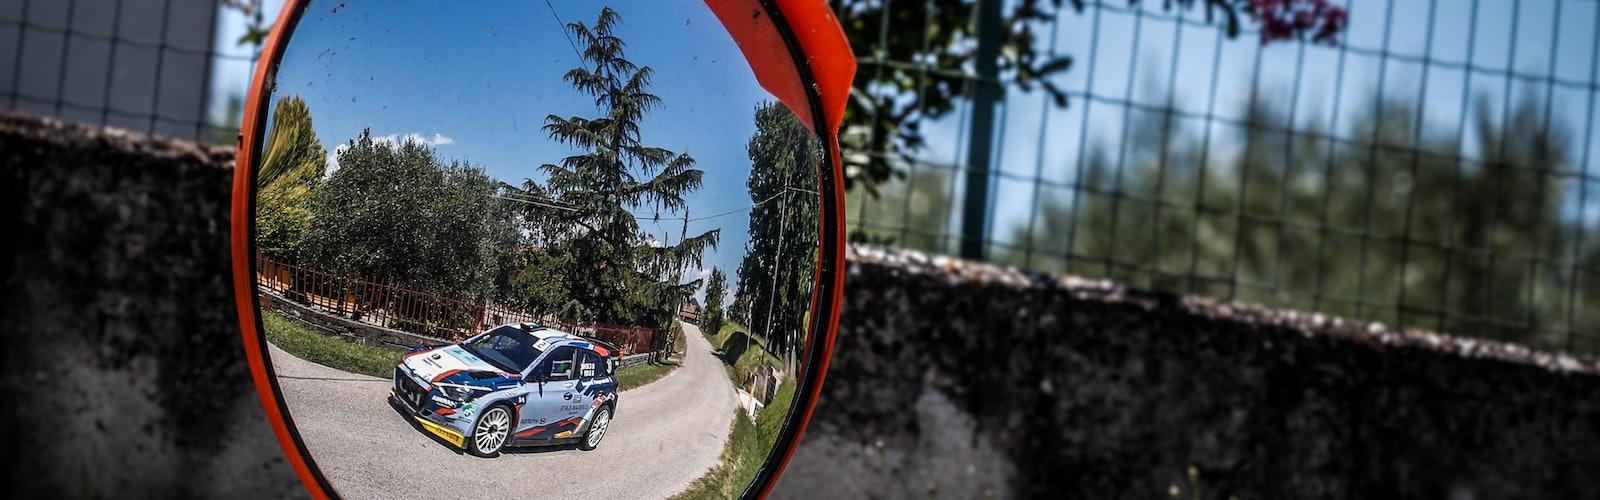 AUTO – ERC – RALLY DI ROMA CAPITALE 2020